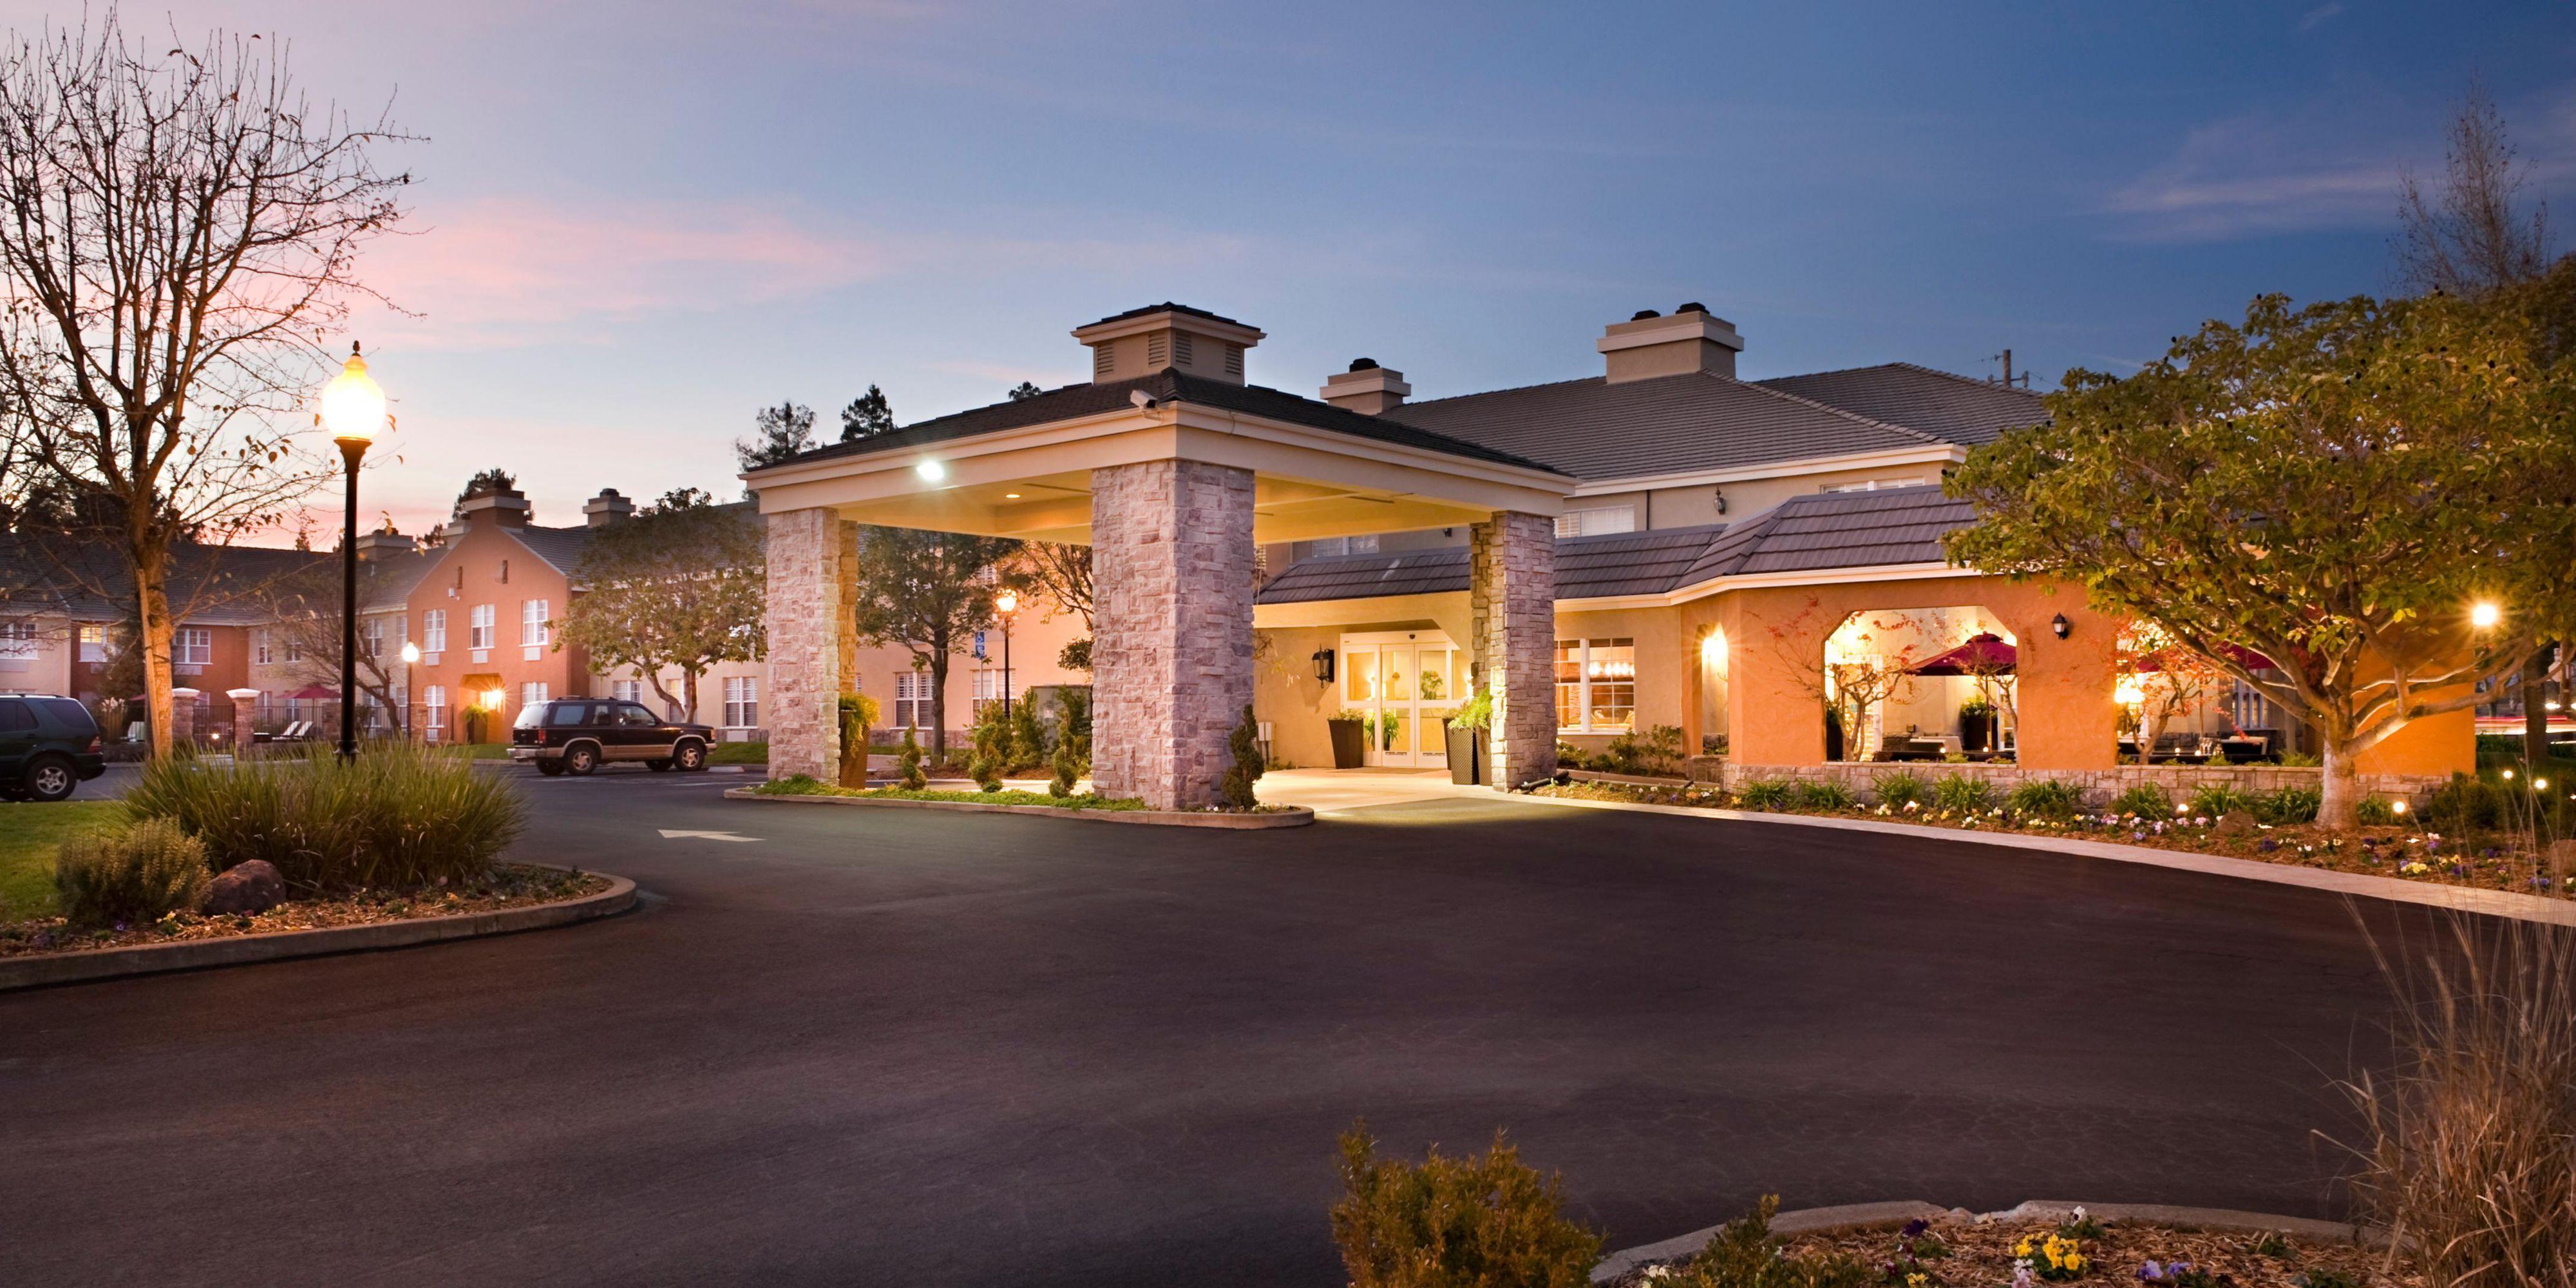 Napa Valley Hotels Hotel Indigo Napa Valley Hotel in Napa Valley